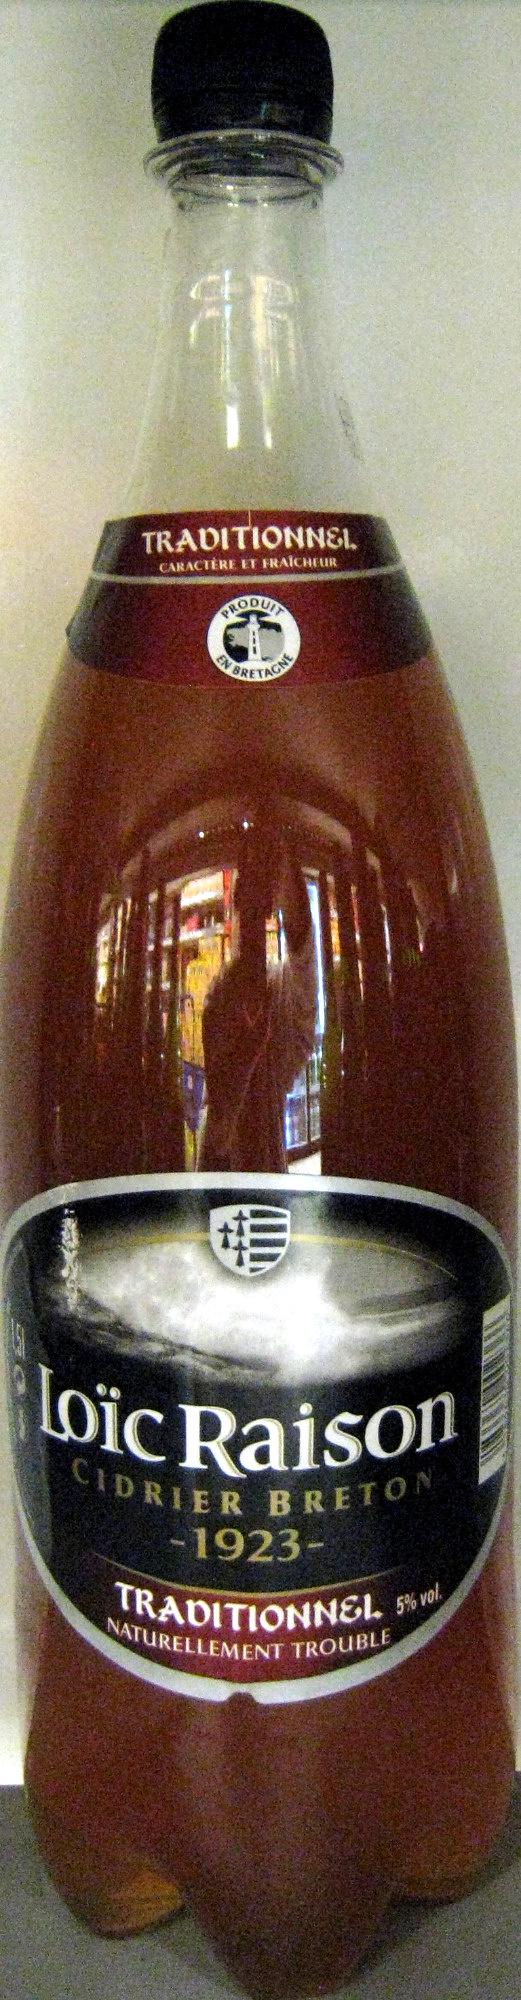 Cidre Breton traditionnel naturellement trouble - Produit - fr